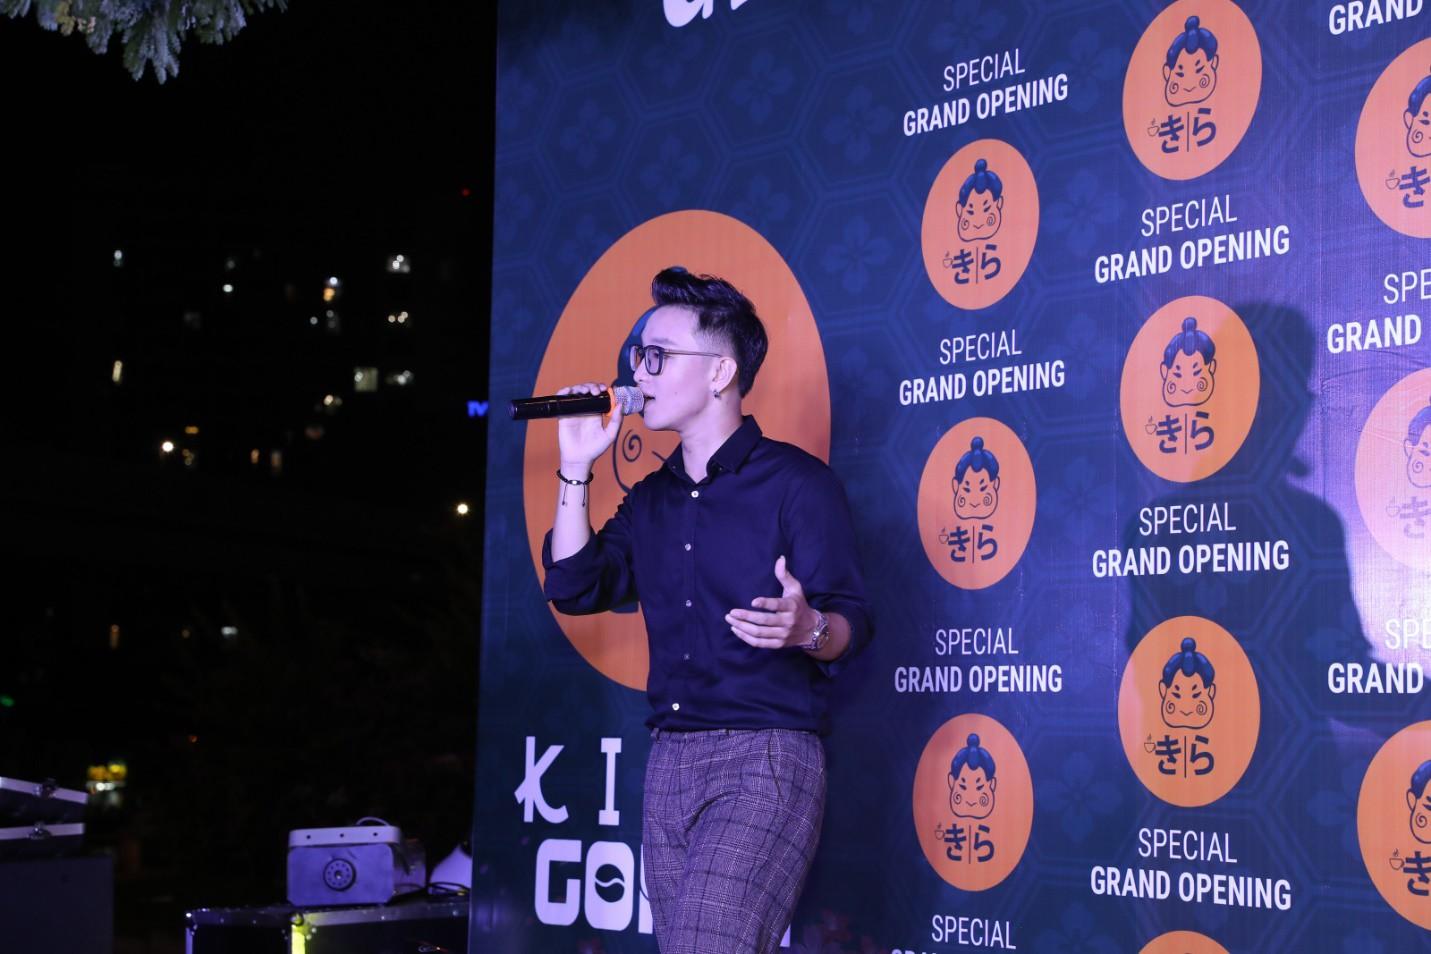 Hoàng Dũng The Voice, Dương Trần Nghĩa và FatB quẩy tưng bừng tại Kira Coffee & Lounge - Ảnh 8.